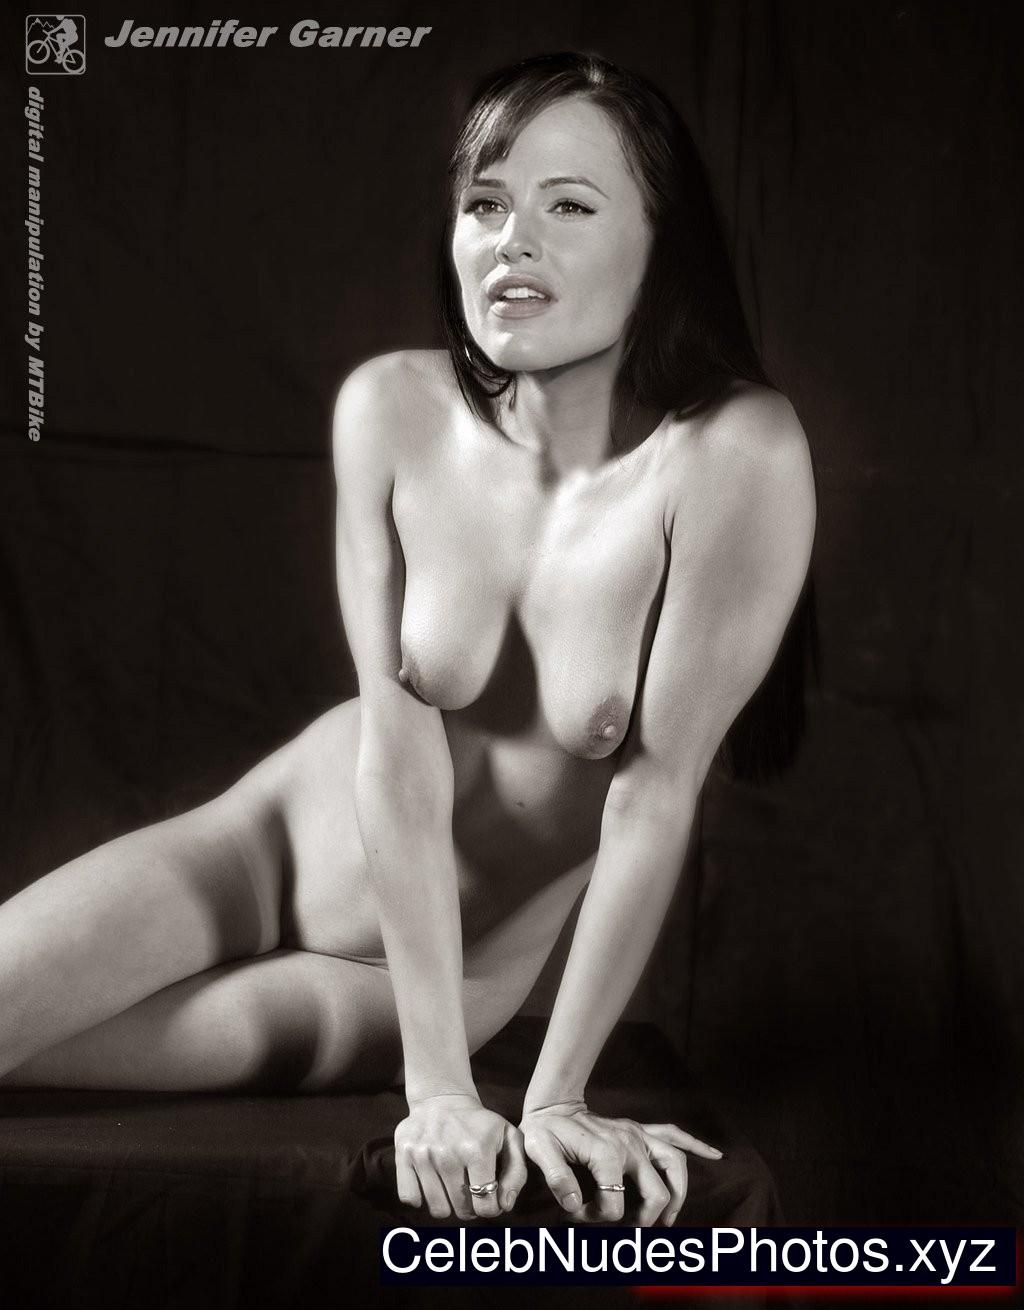 jennifer garner naked nude